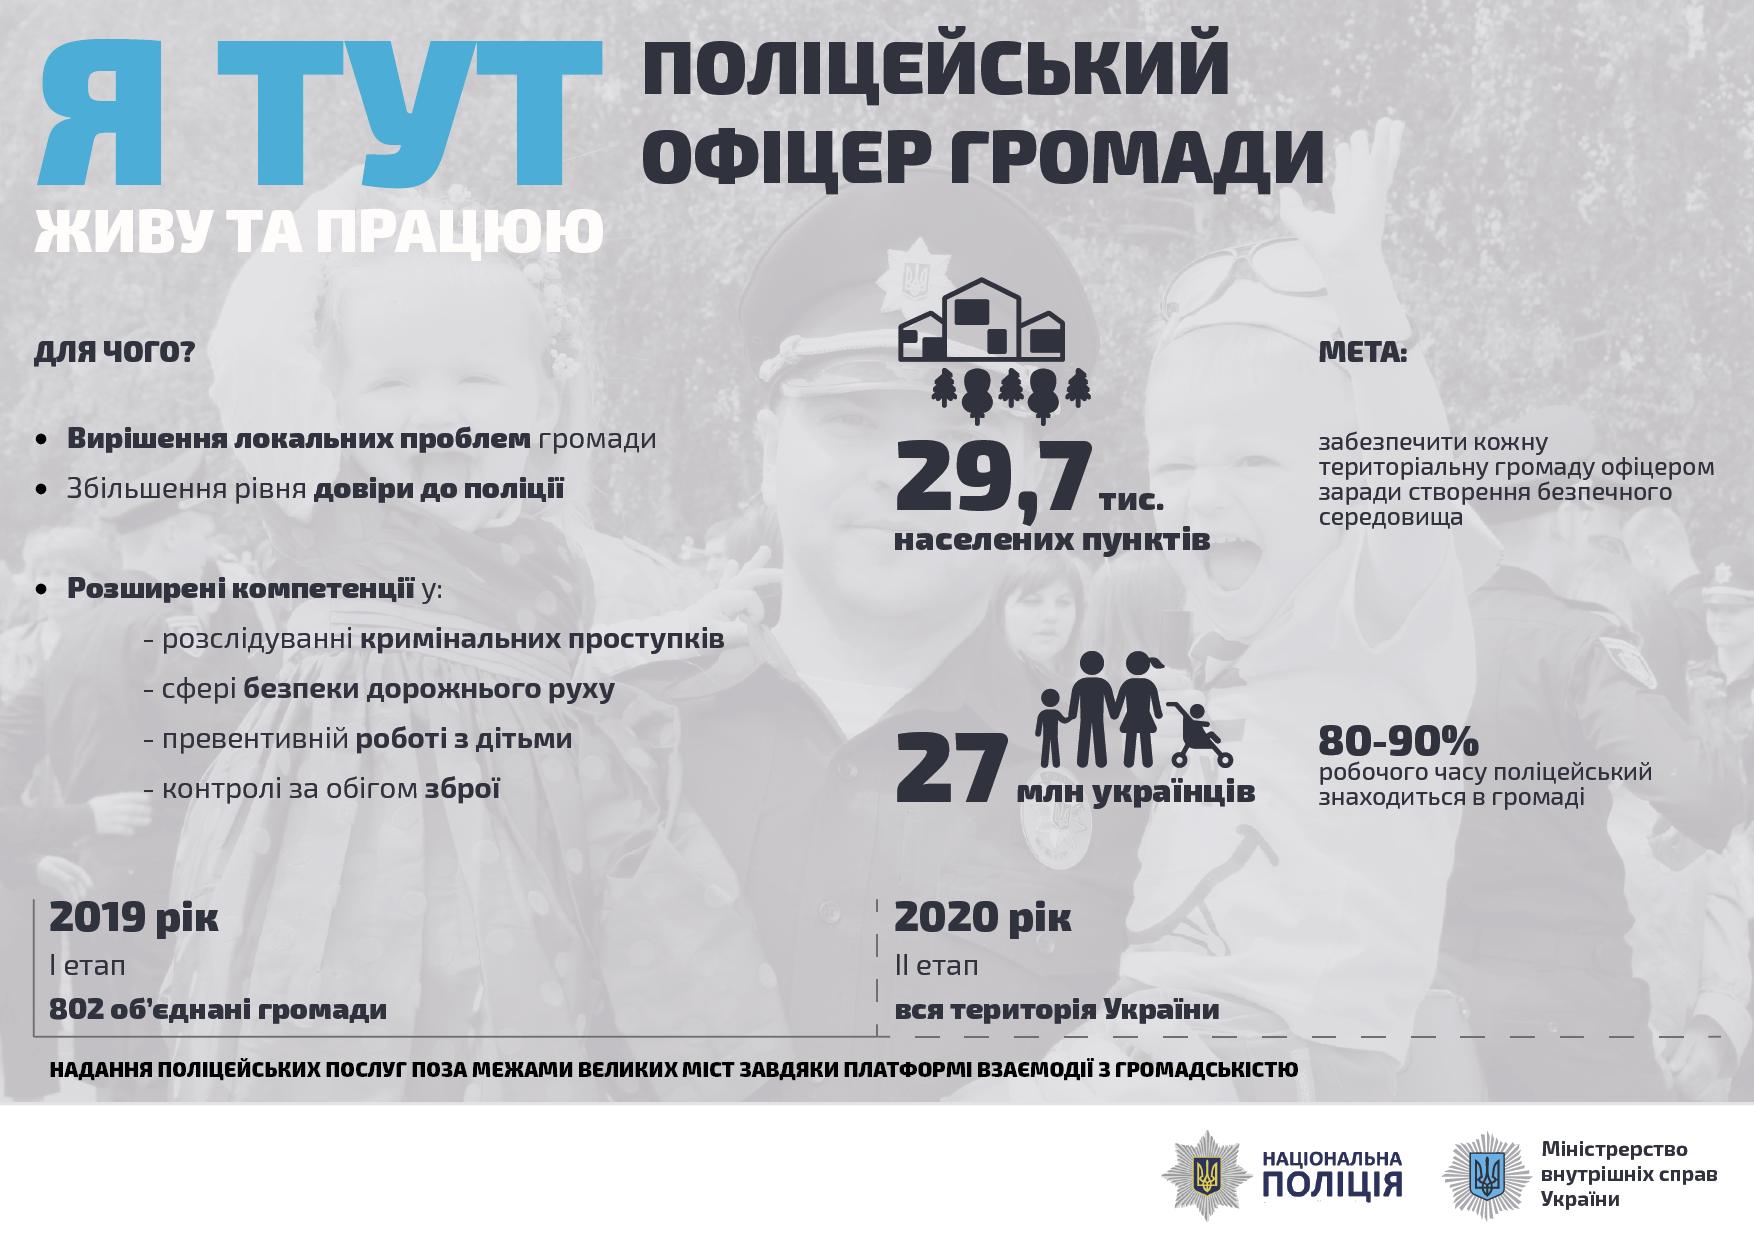 «Поліцейський офіцер громади» буде в кожній ОТГ - Аваков - Національна поліція України - police 01 1